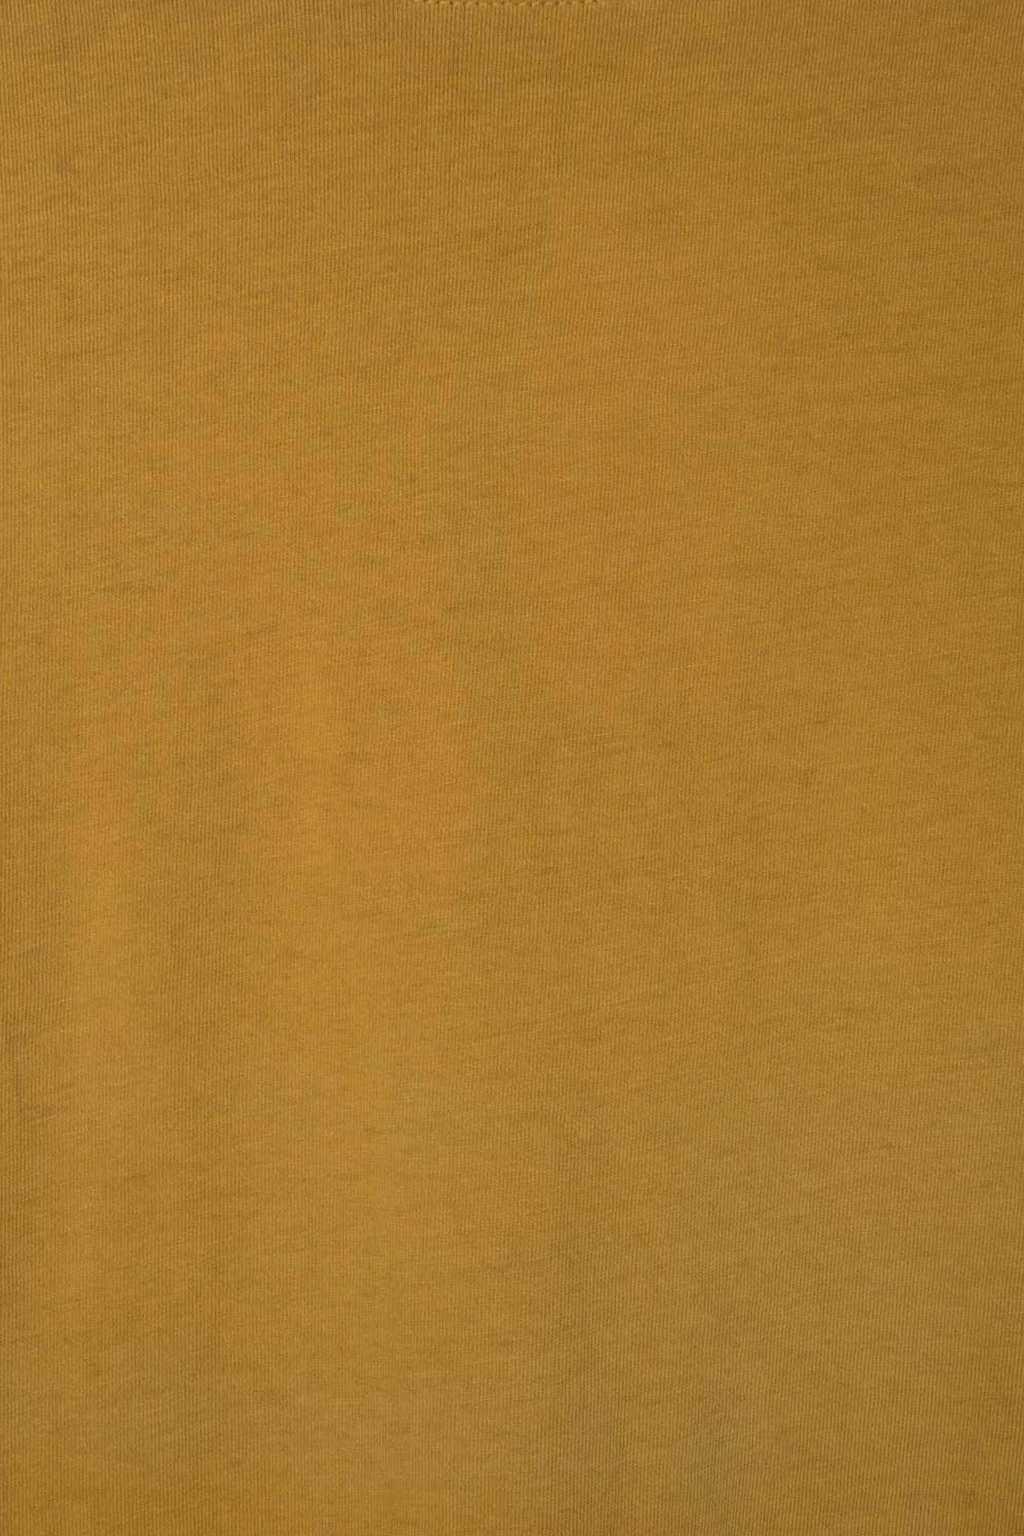 TShirt H373 Mustard 8